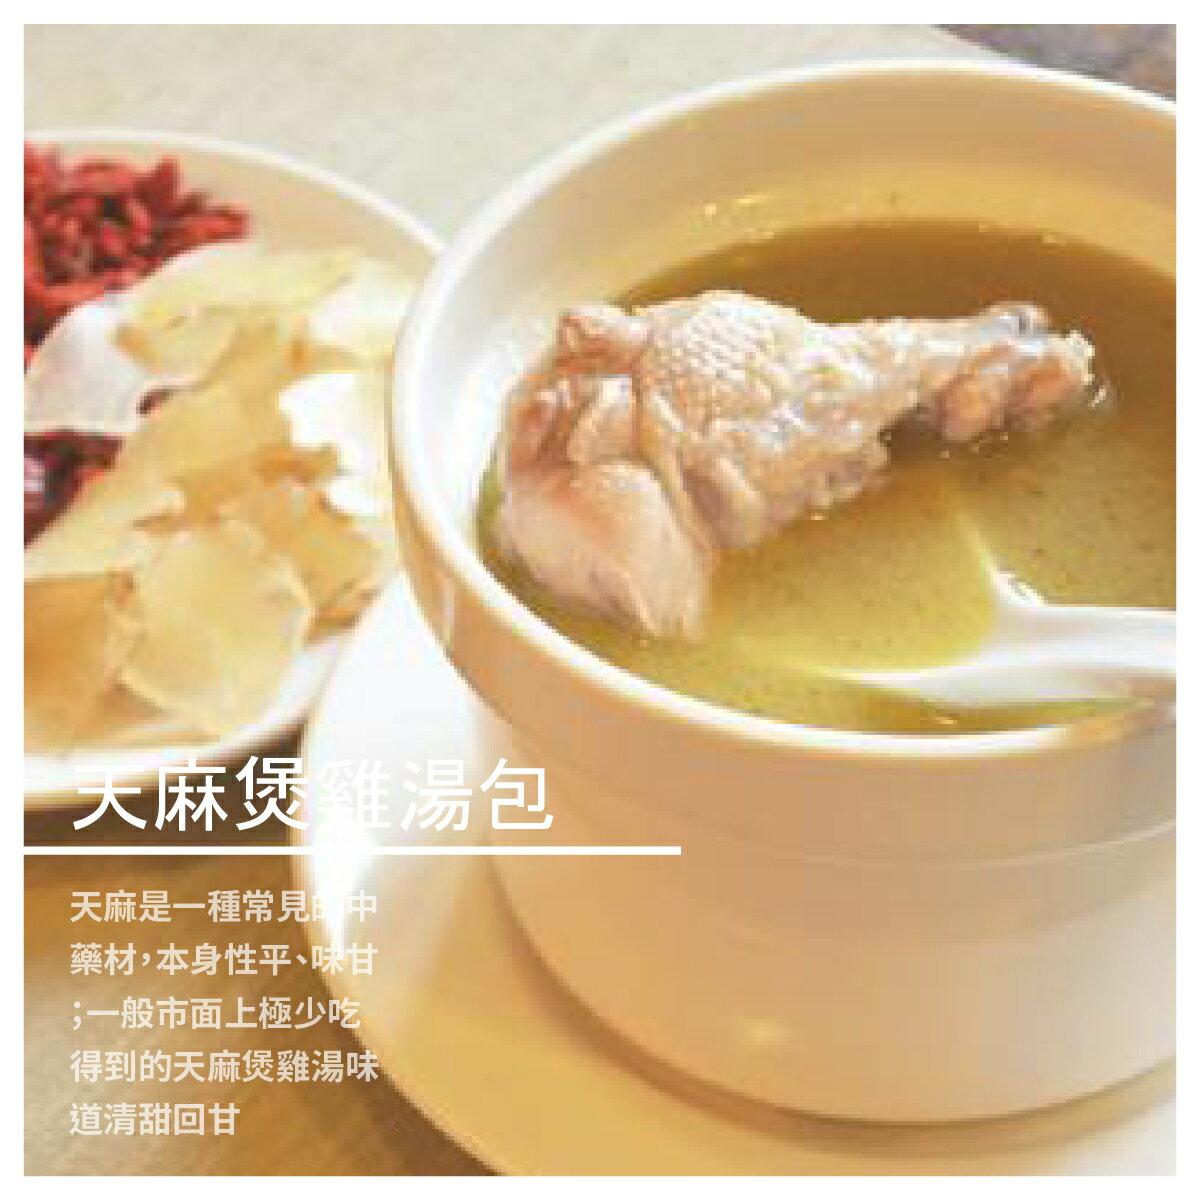 【御膳煲養生雞湯】天麻煲雞湯包